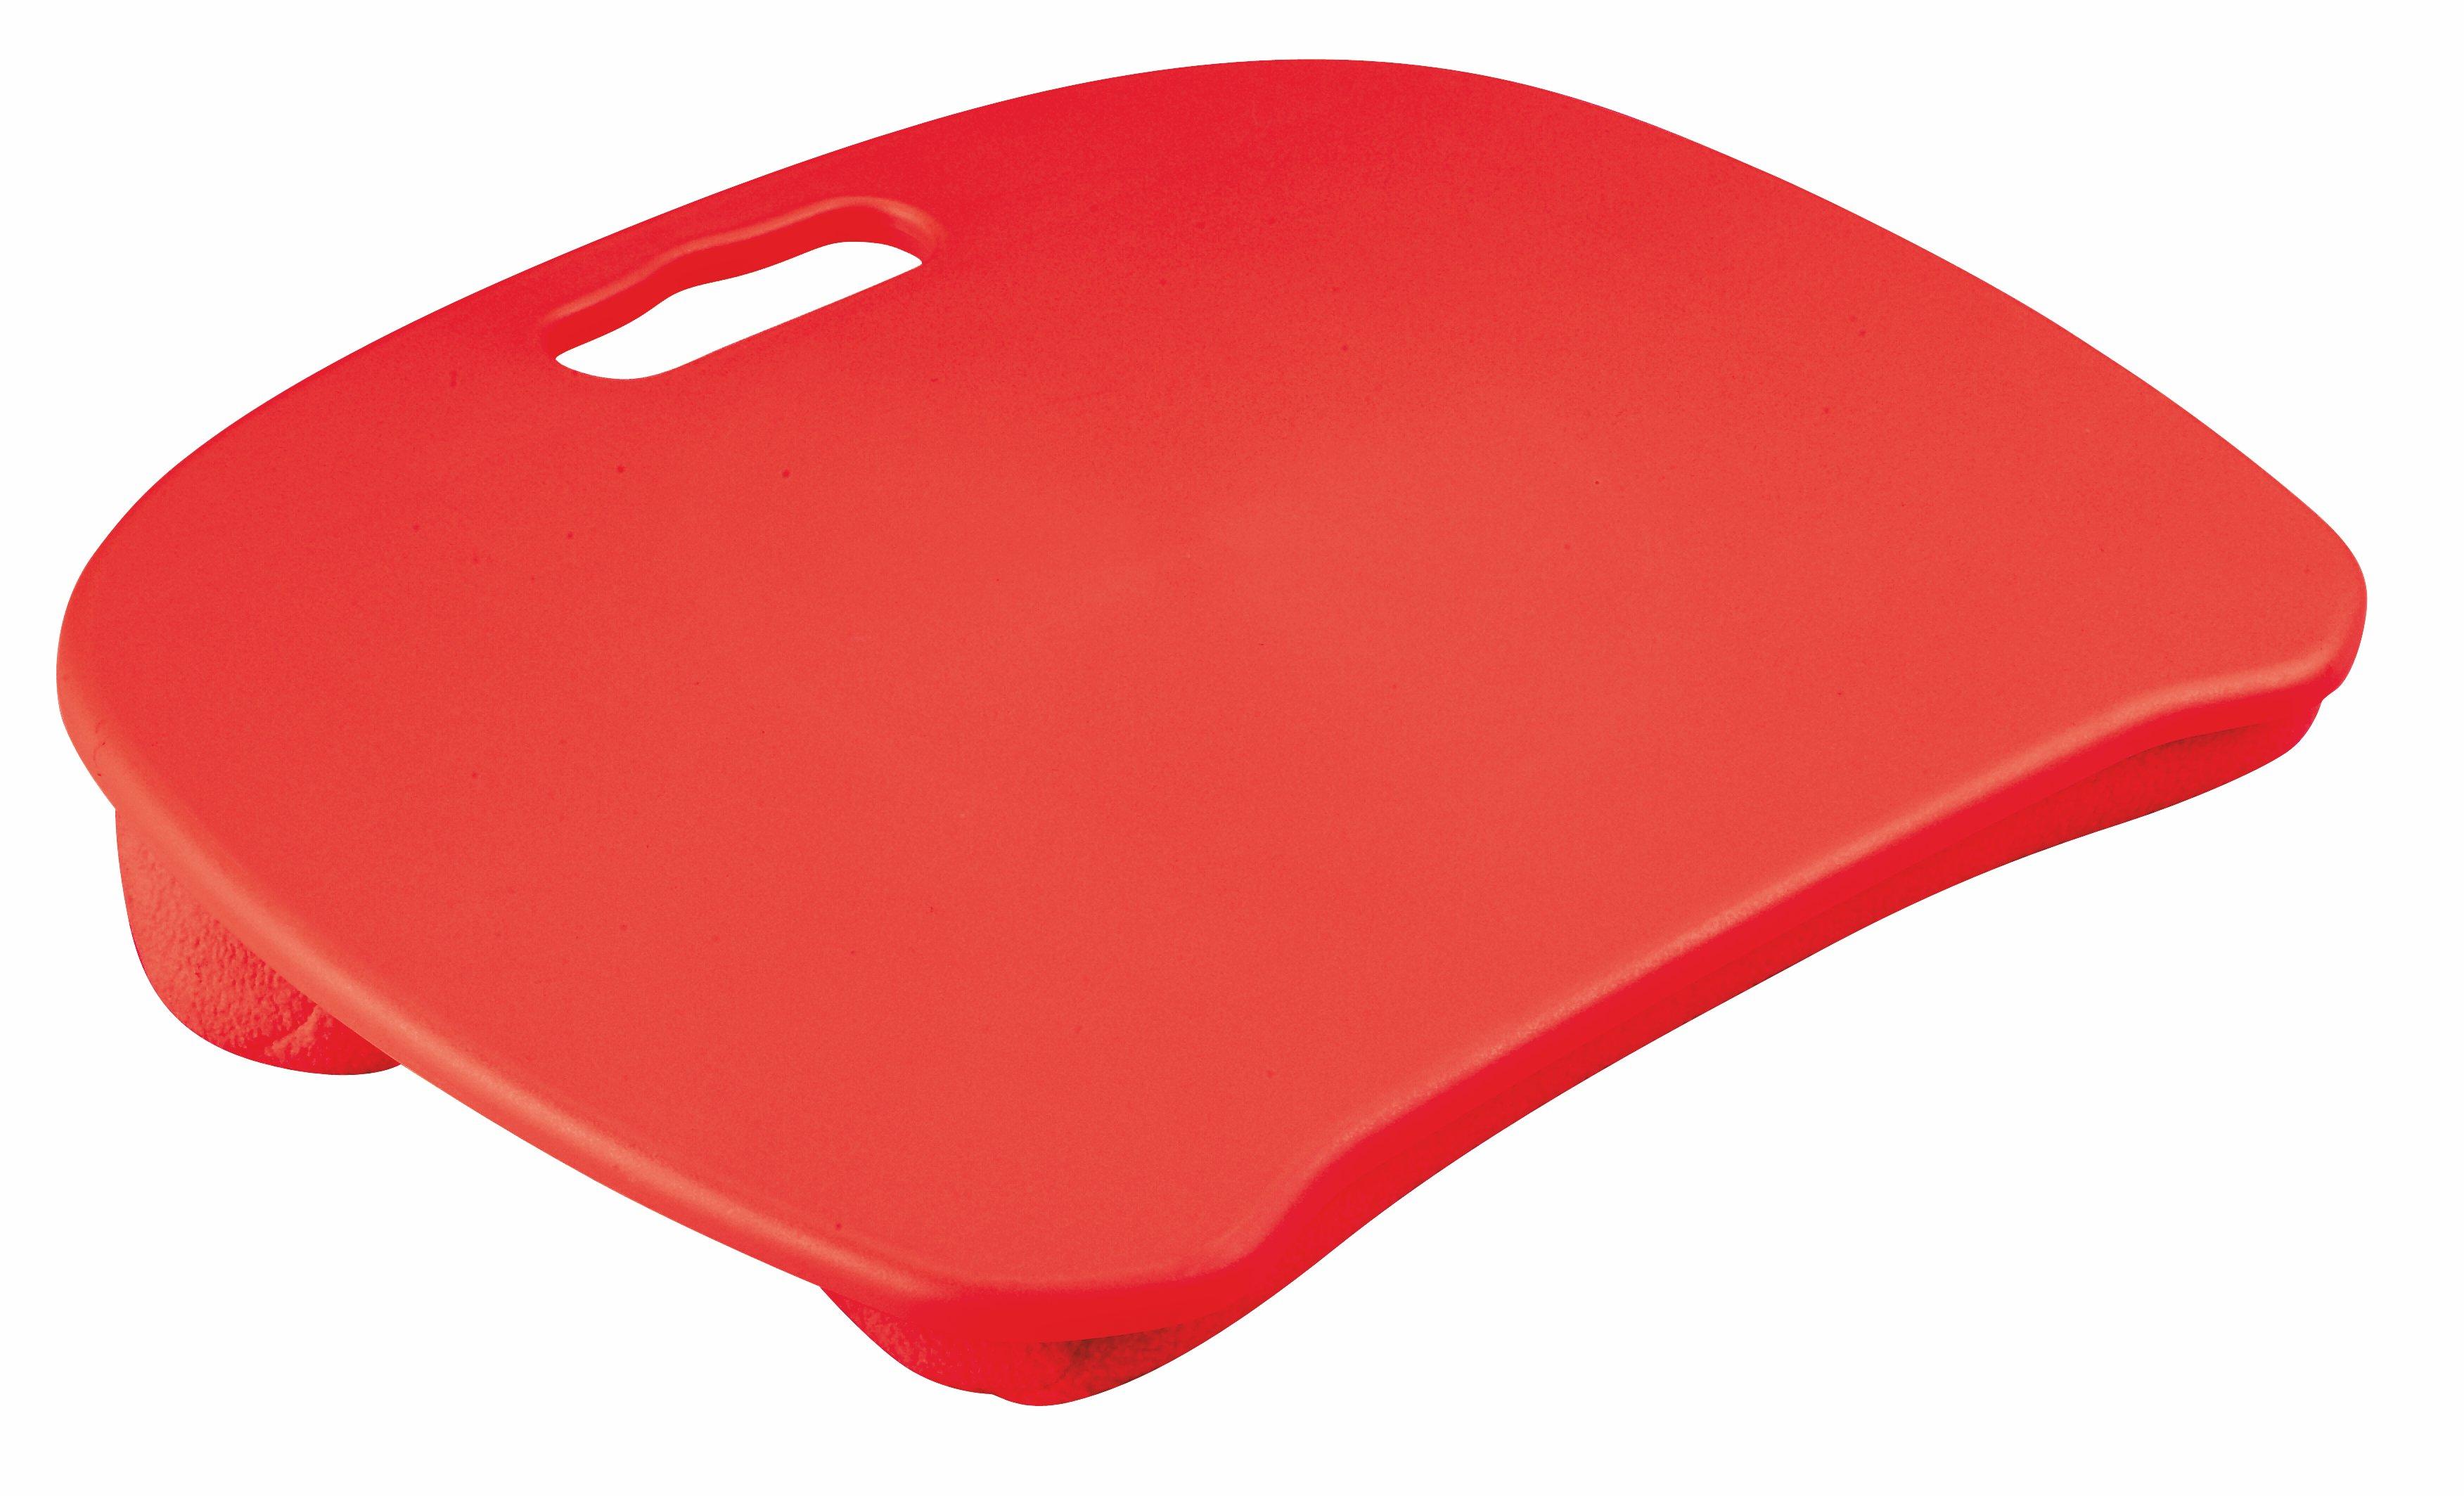 Podložka pod notebook - Halmar - B-28 (červená). Sme autorizovaný predajca Halmar. Vlastná spoľahlivá doprava až k Vám domov.